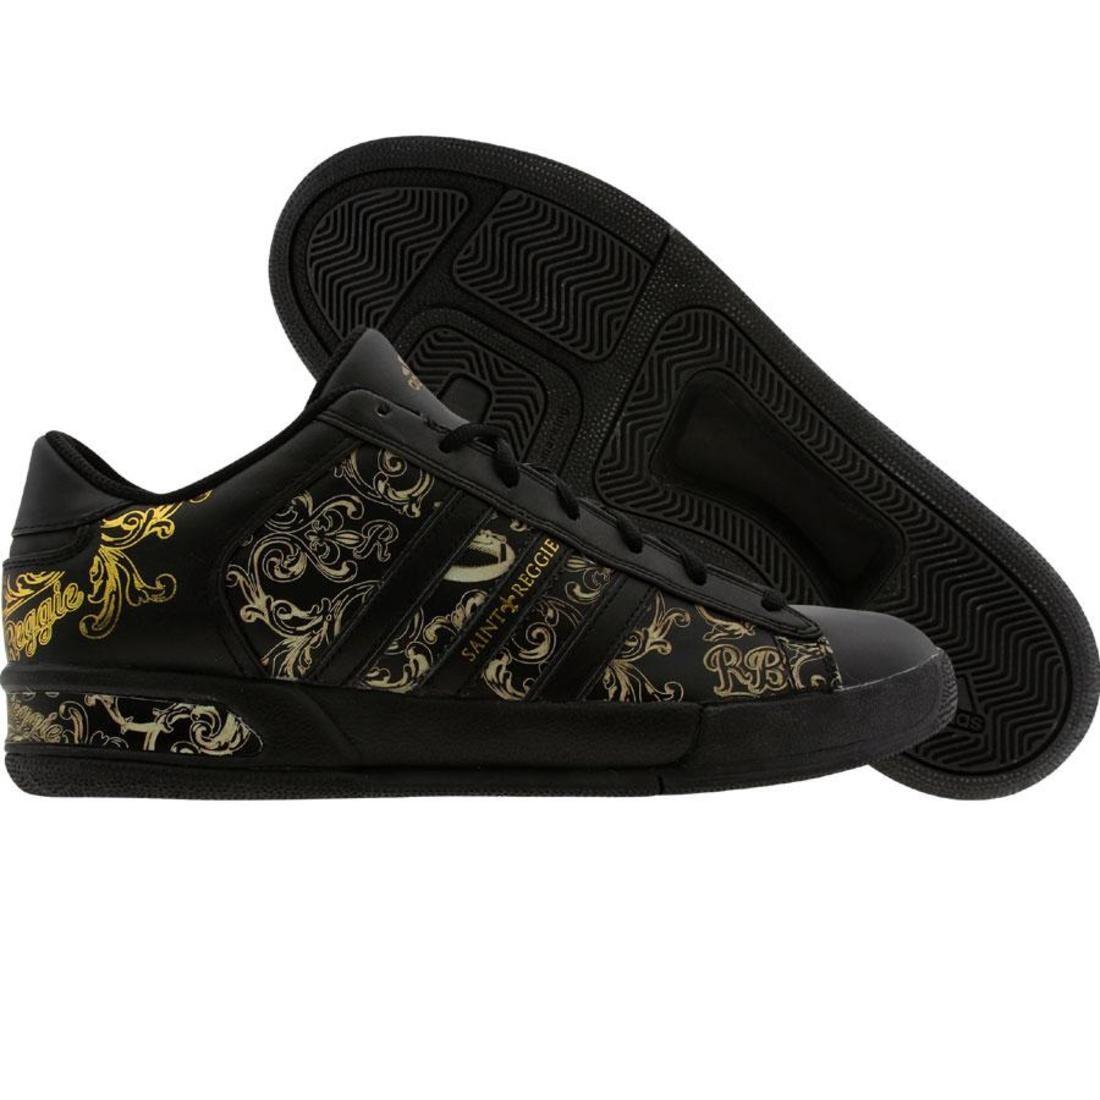 【海外限定】アディダス キャンパス メンズ靴 靴 【 ADIDAS CAMPUS LT BLACK1 METALLIC GOLD 】